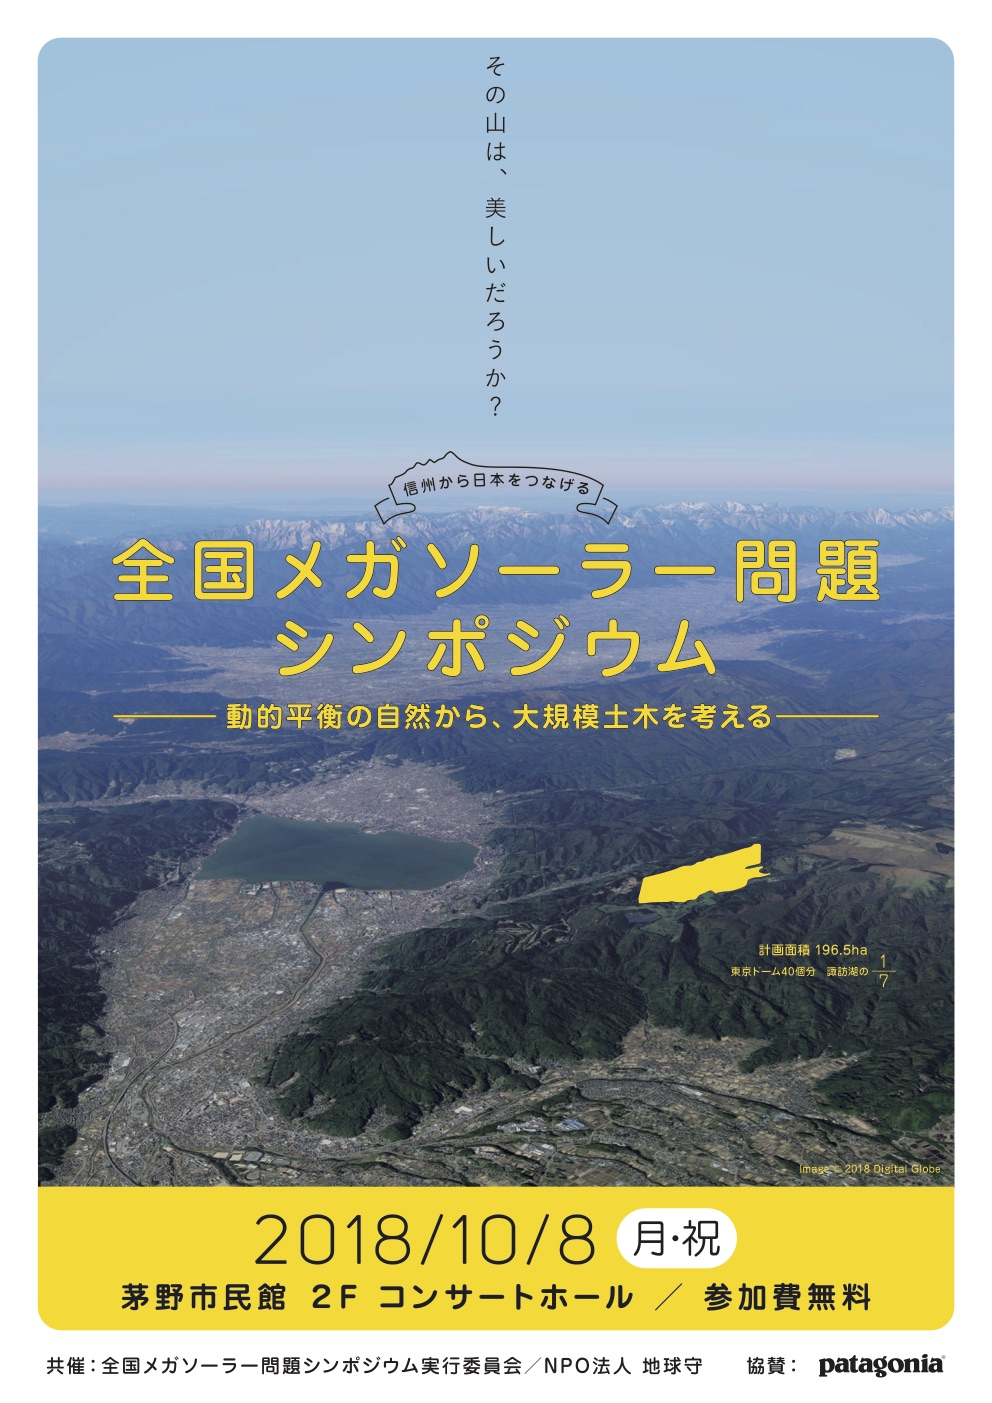 10月8日に「全国メガソーラー問題シンポジウム」が開催されます。